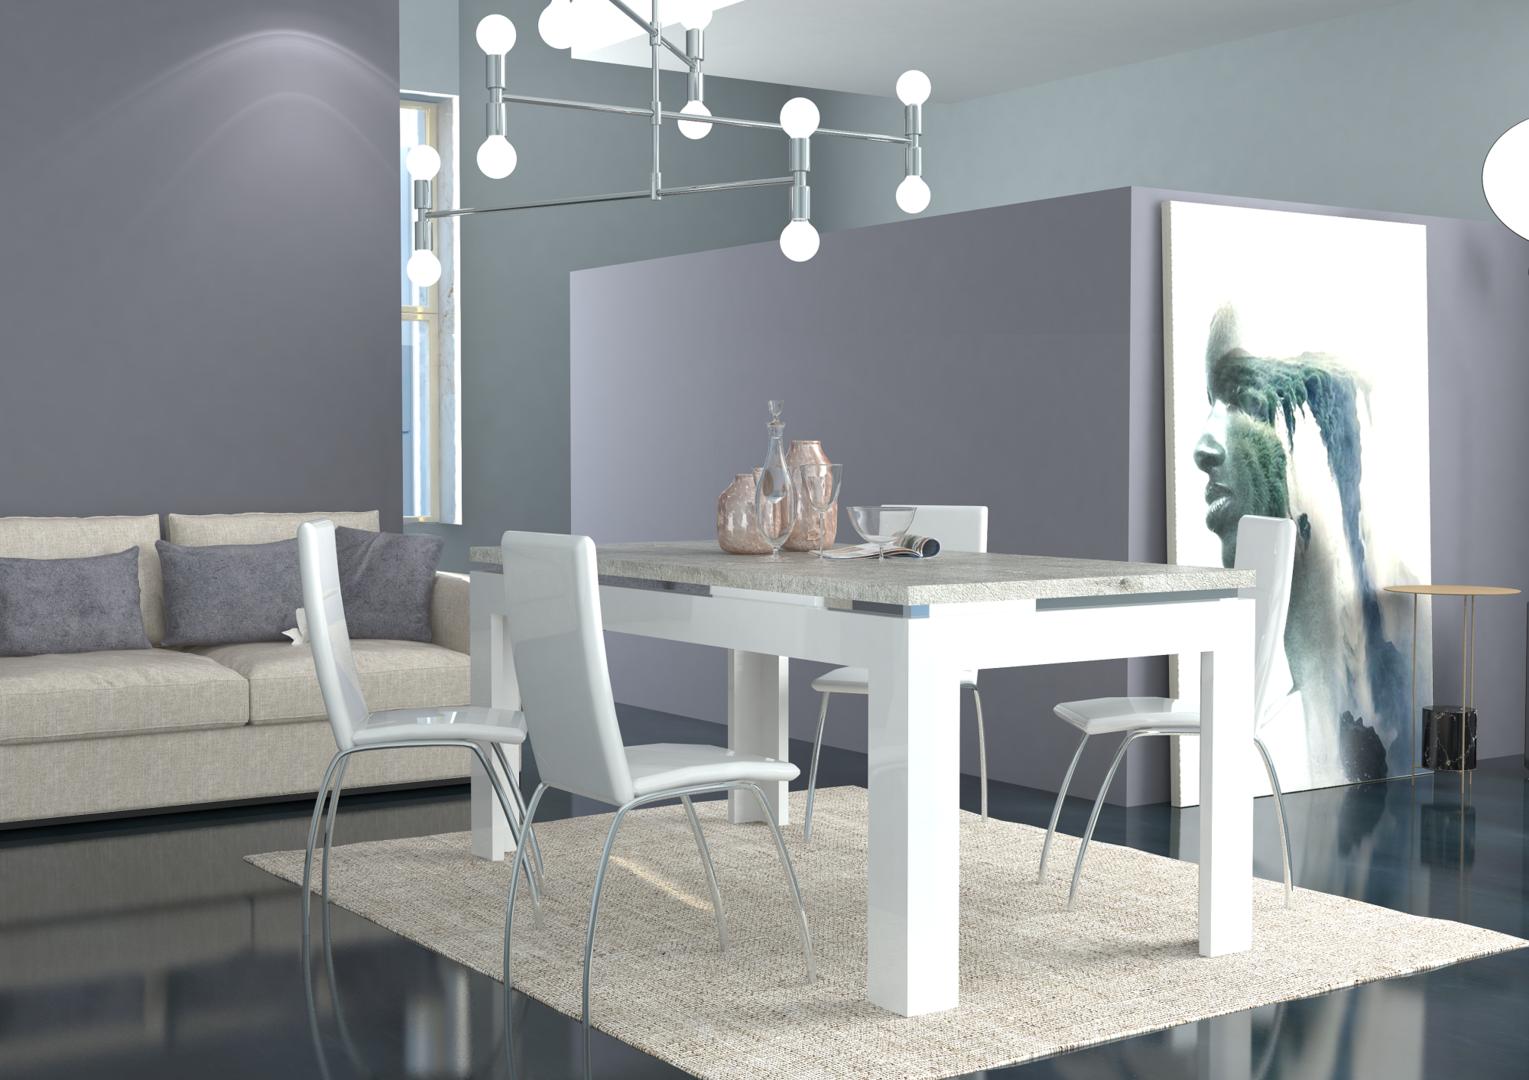 Tavolo moderno bianco messico mobile per sala da pranzo cucina - Tavolo sala da pranzo ...